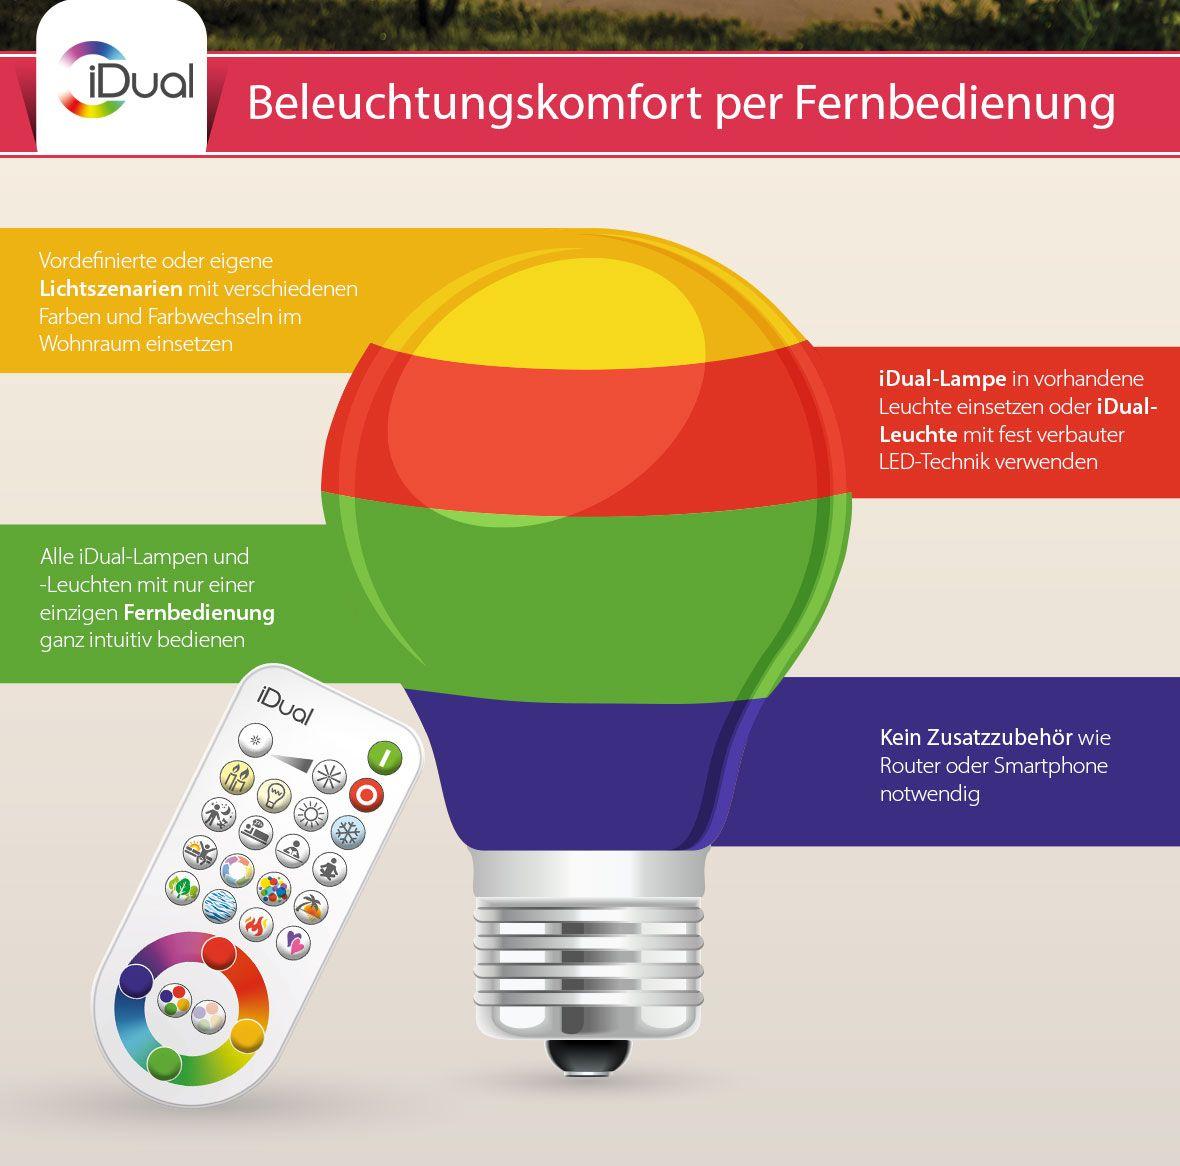 Einige Highlights Aus Der Idual Produktwelt Lampen Und Leuchten Led Technik Lampen